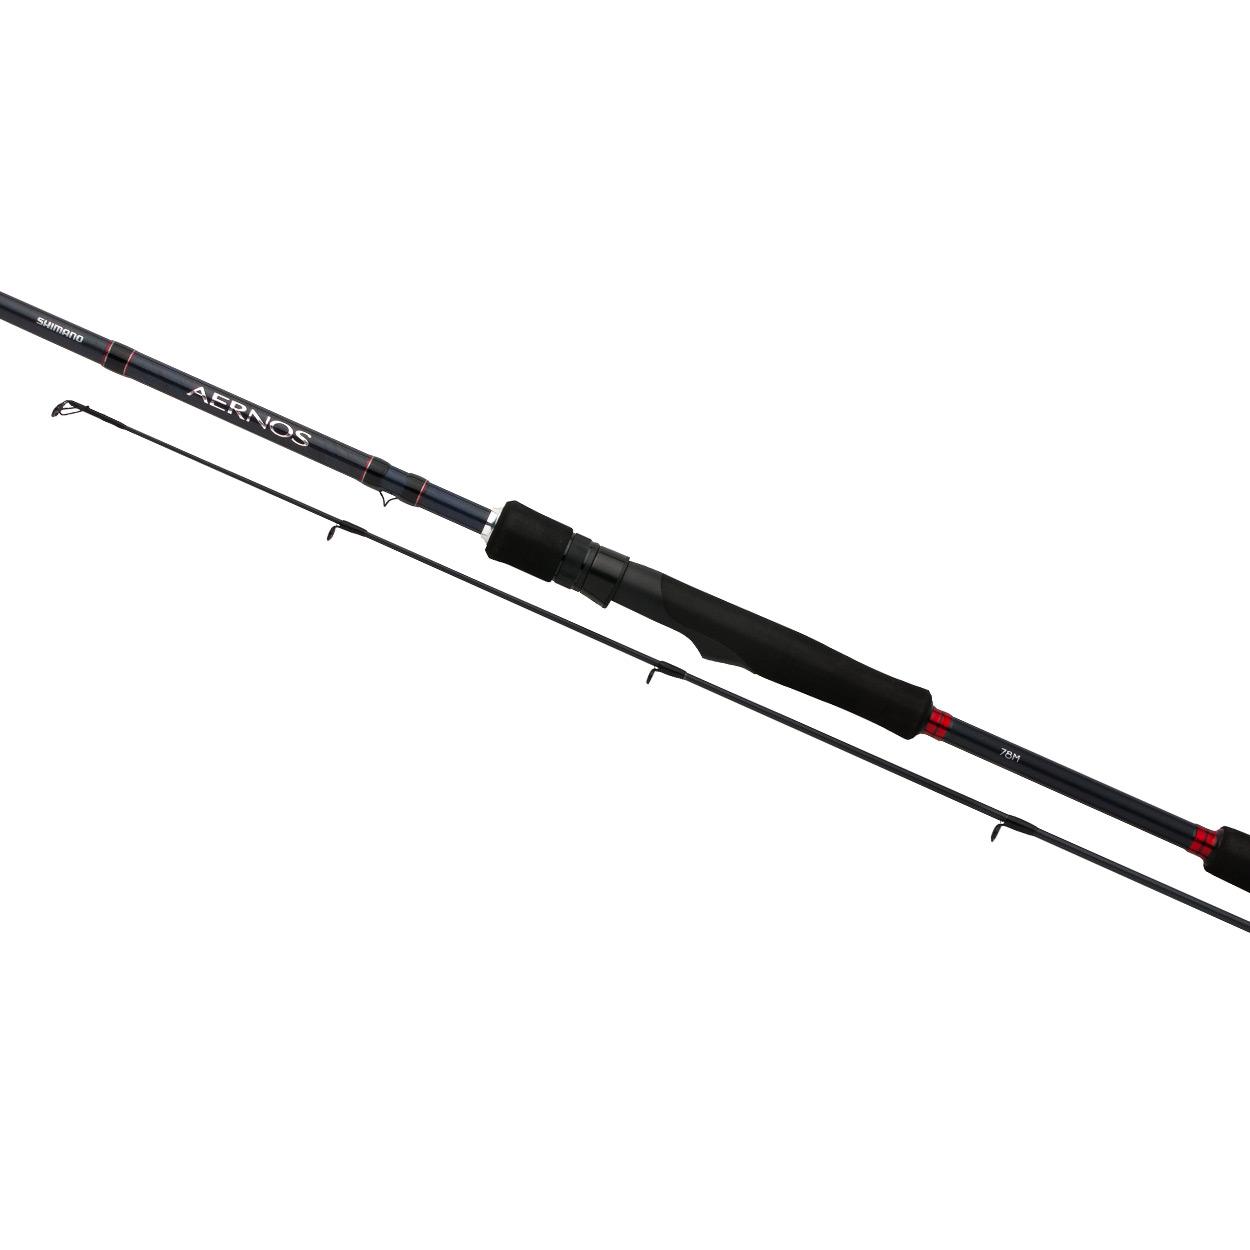 цена Удилище спиннинговое SHIMANO AERNOS AX SPIN 9`0 XH (+ Леска в подарок!) онлайн в 2017 году